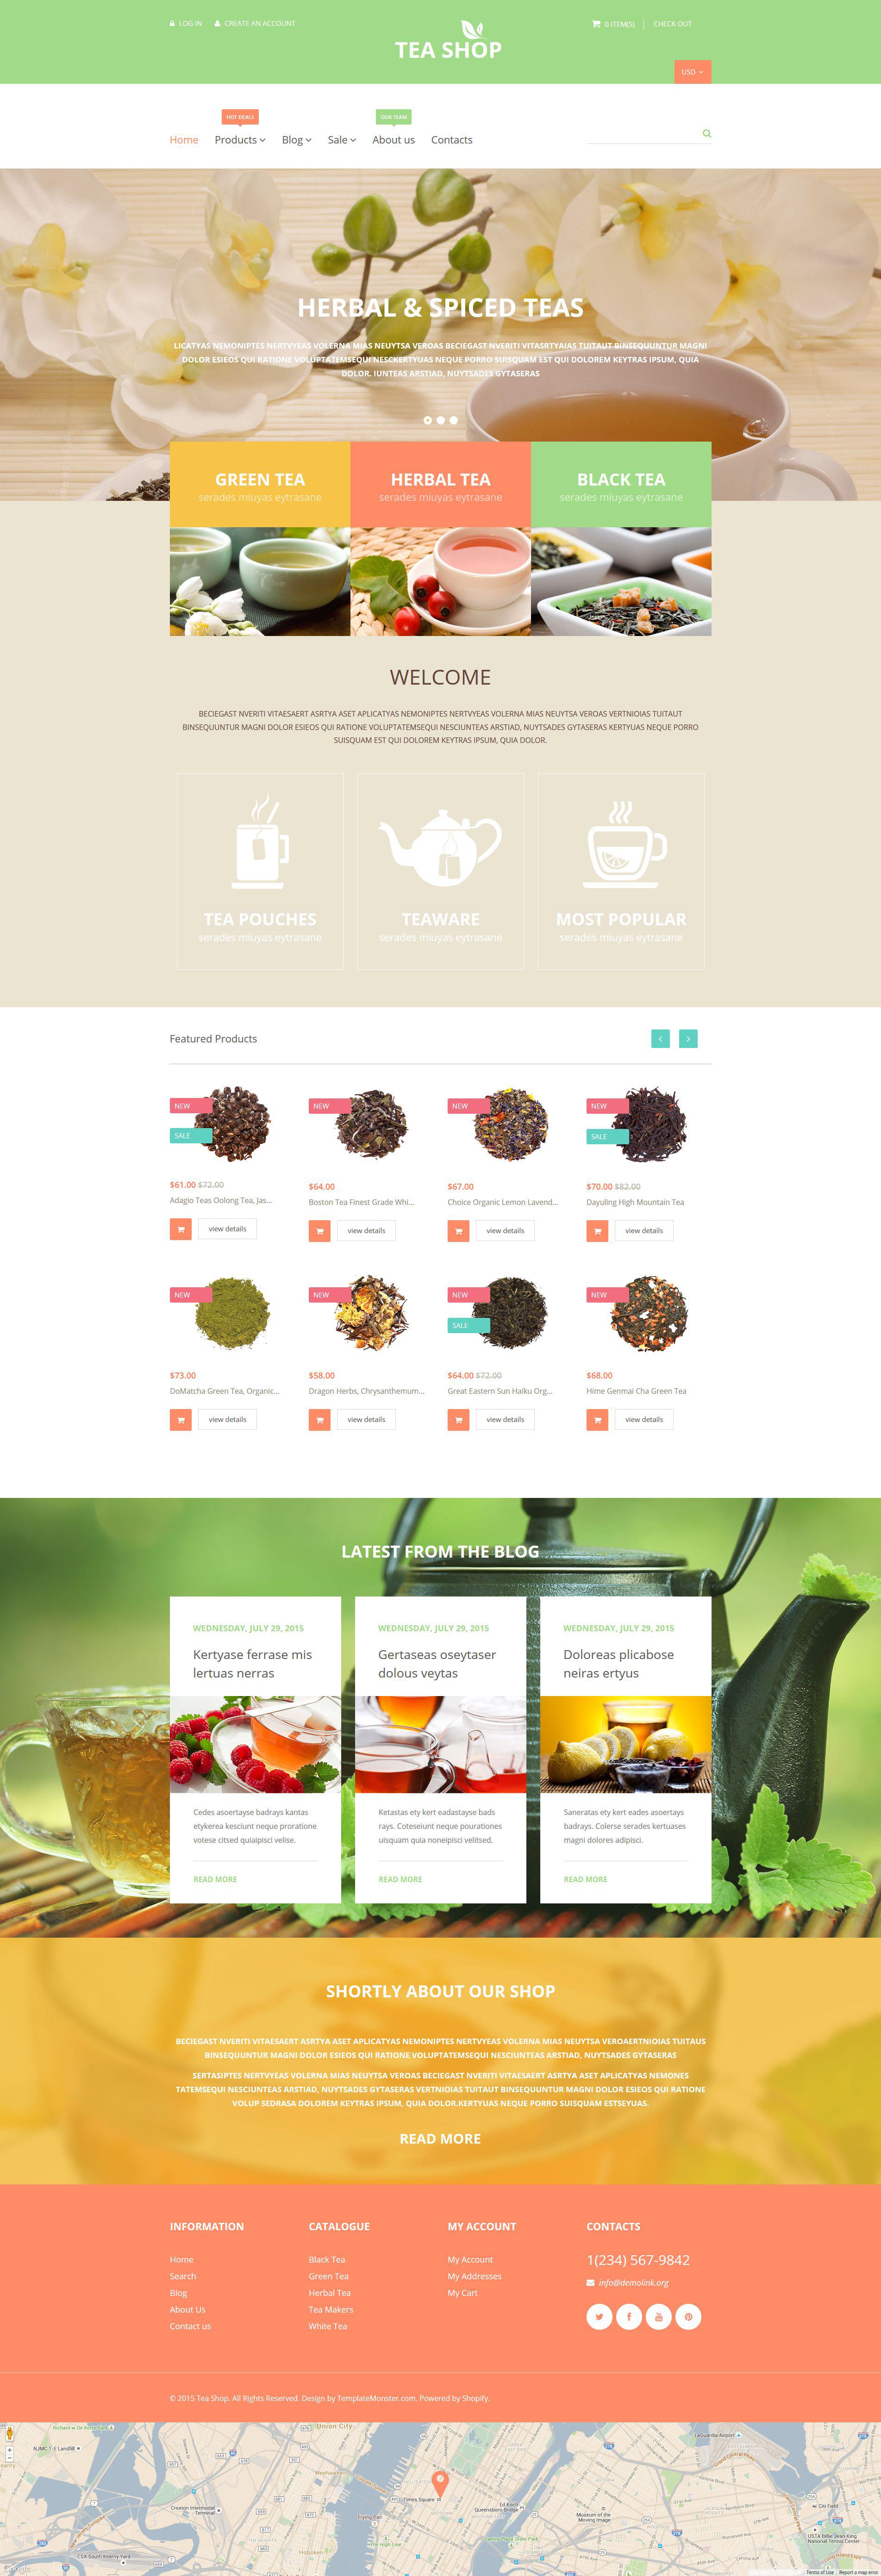 Tea Shop Shopify Theme